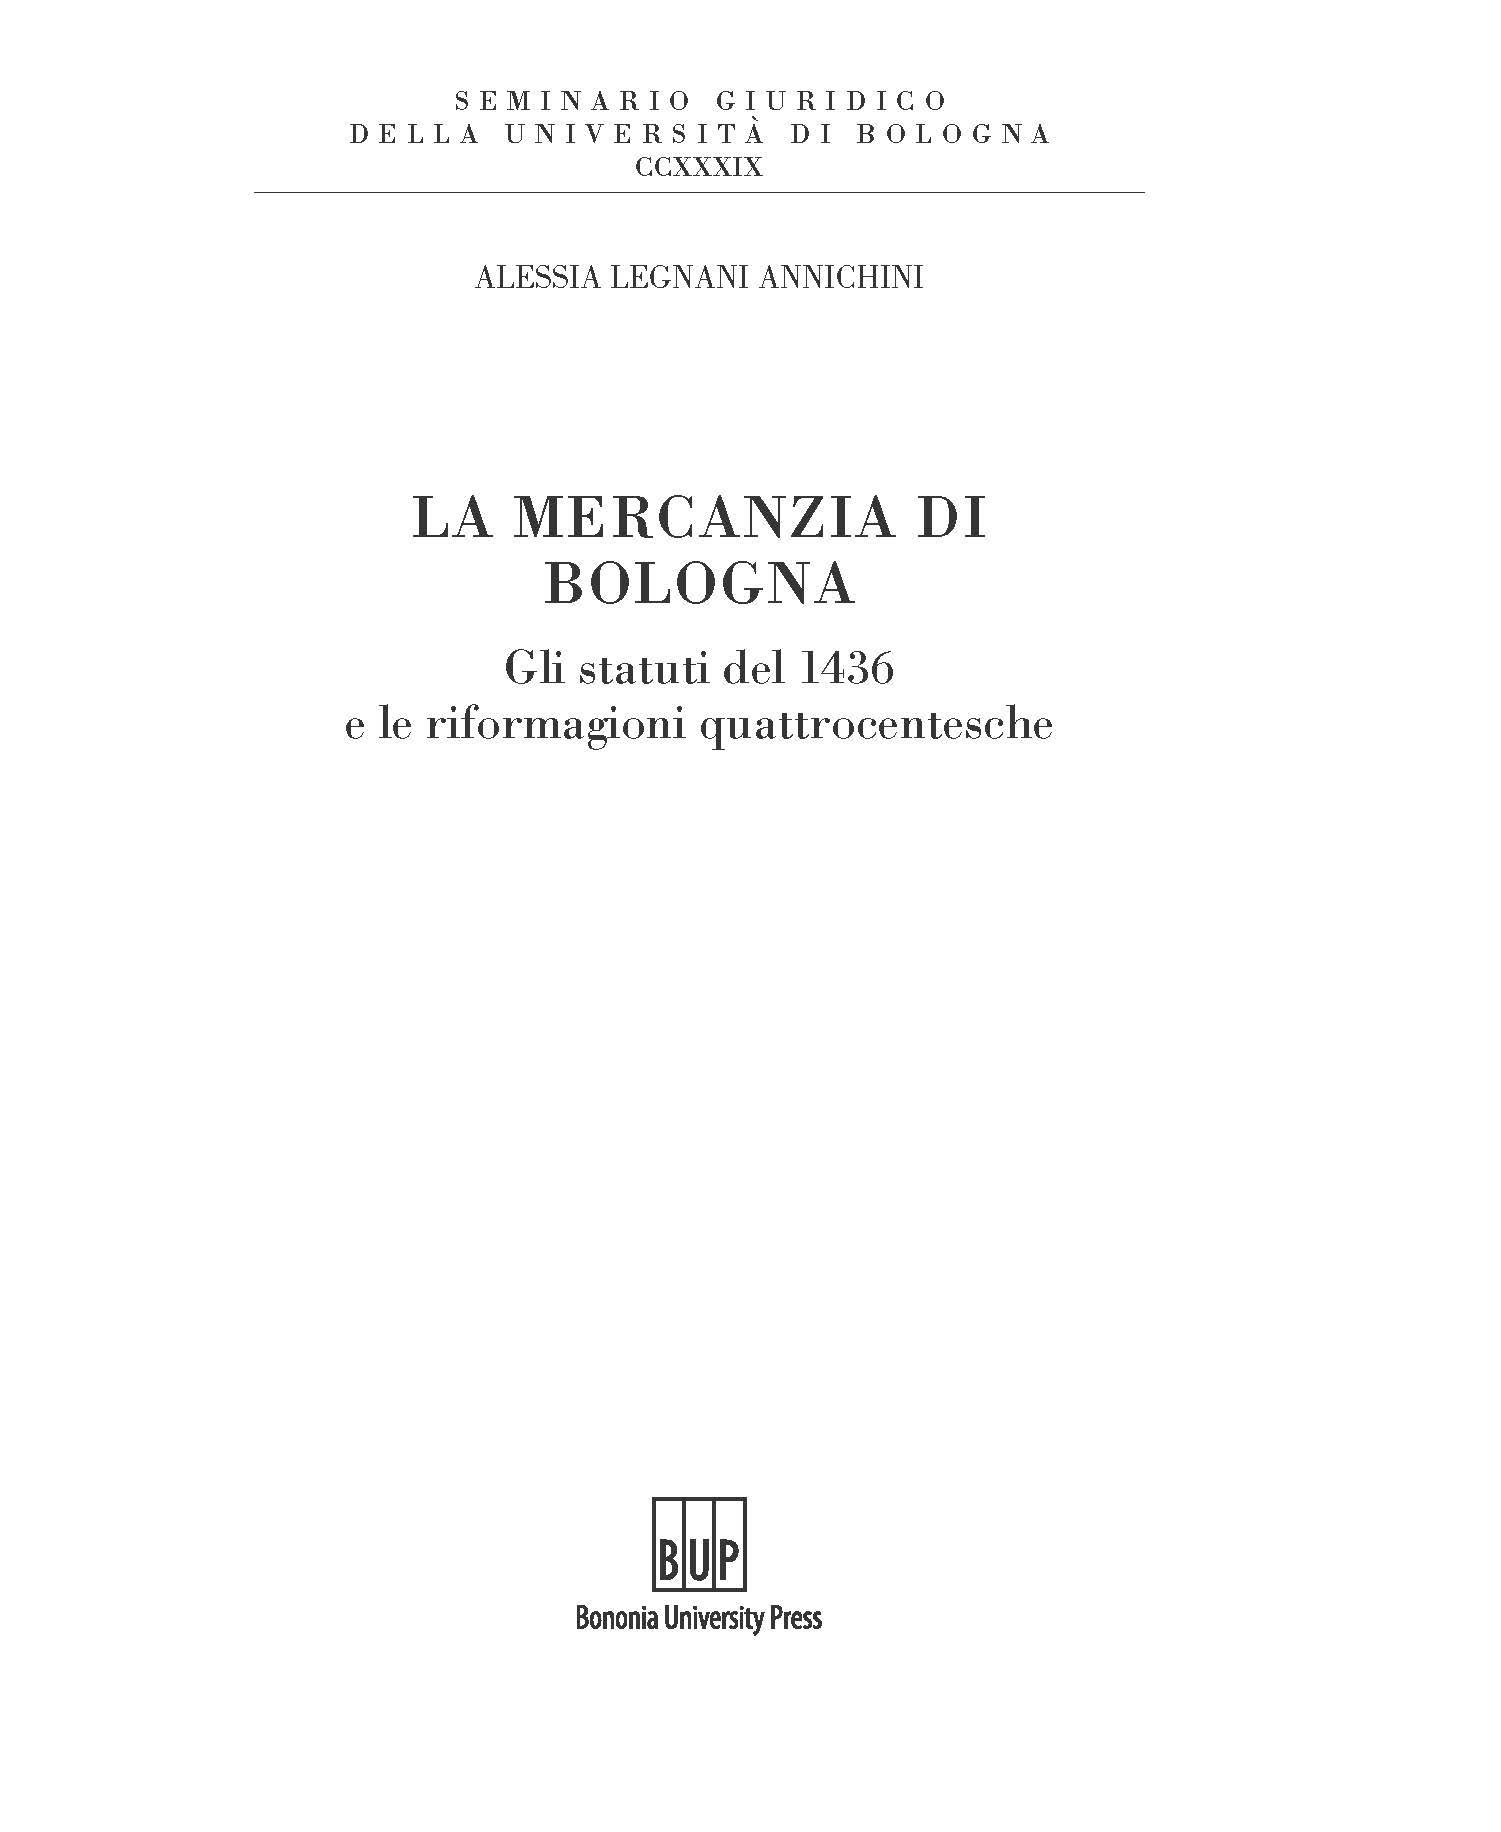 La mercanzia di Bologna - Bononia University Press